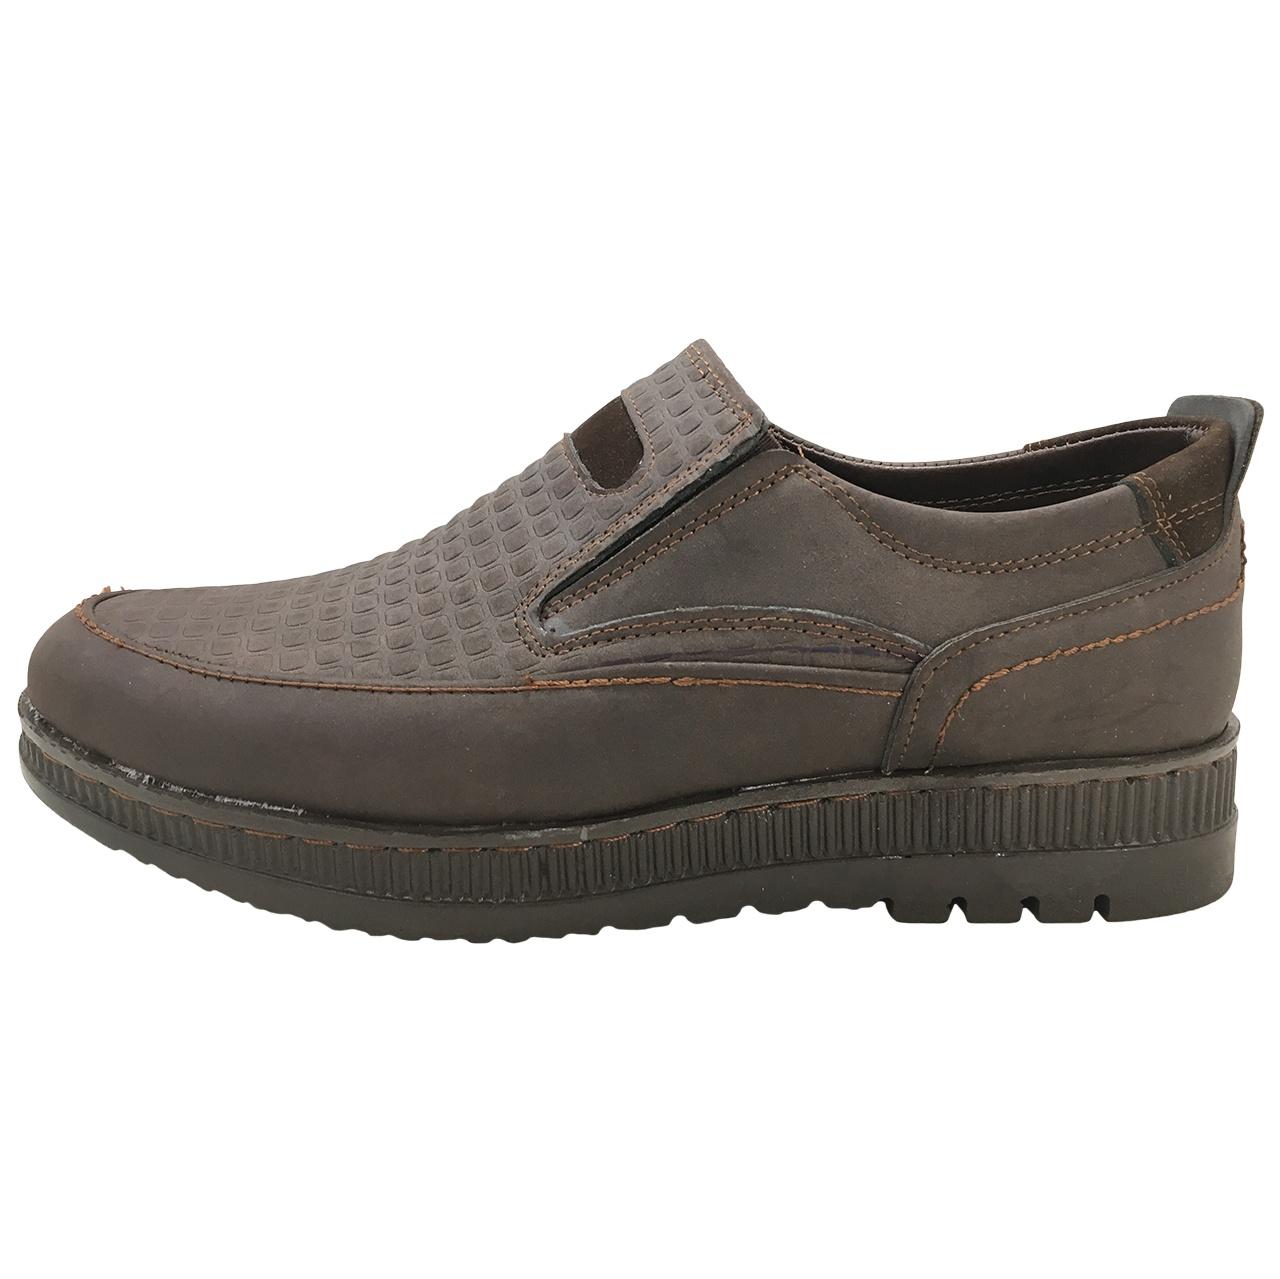 کفش مردانه نقش جهان مدل دماوند کد 2585